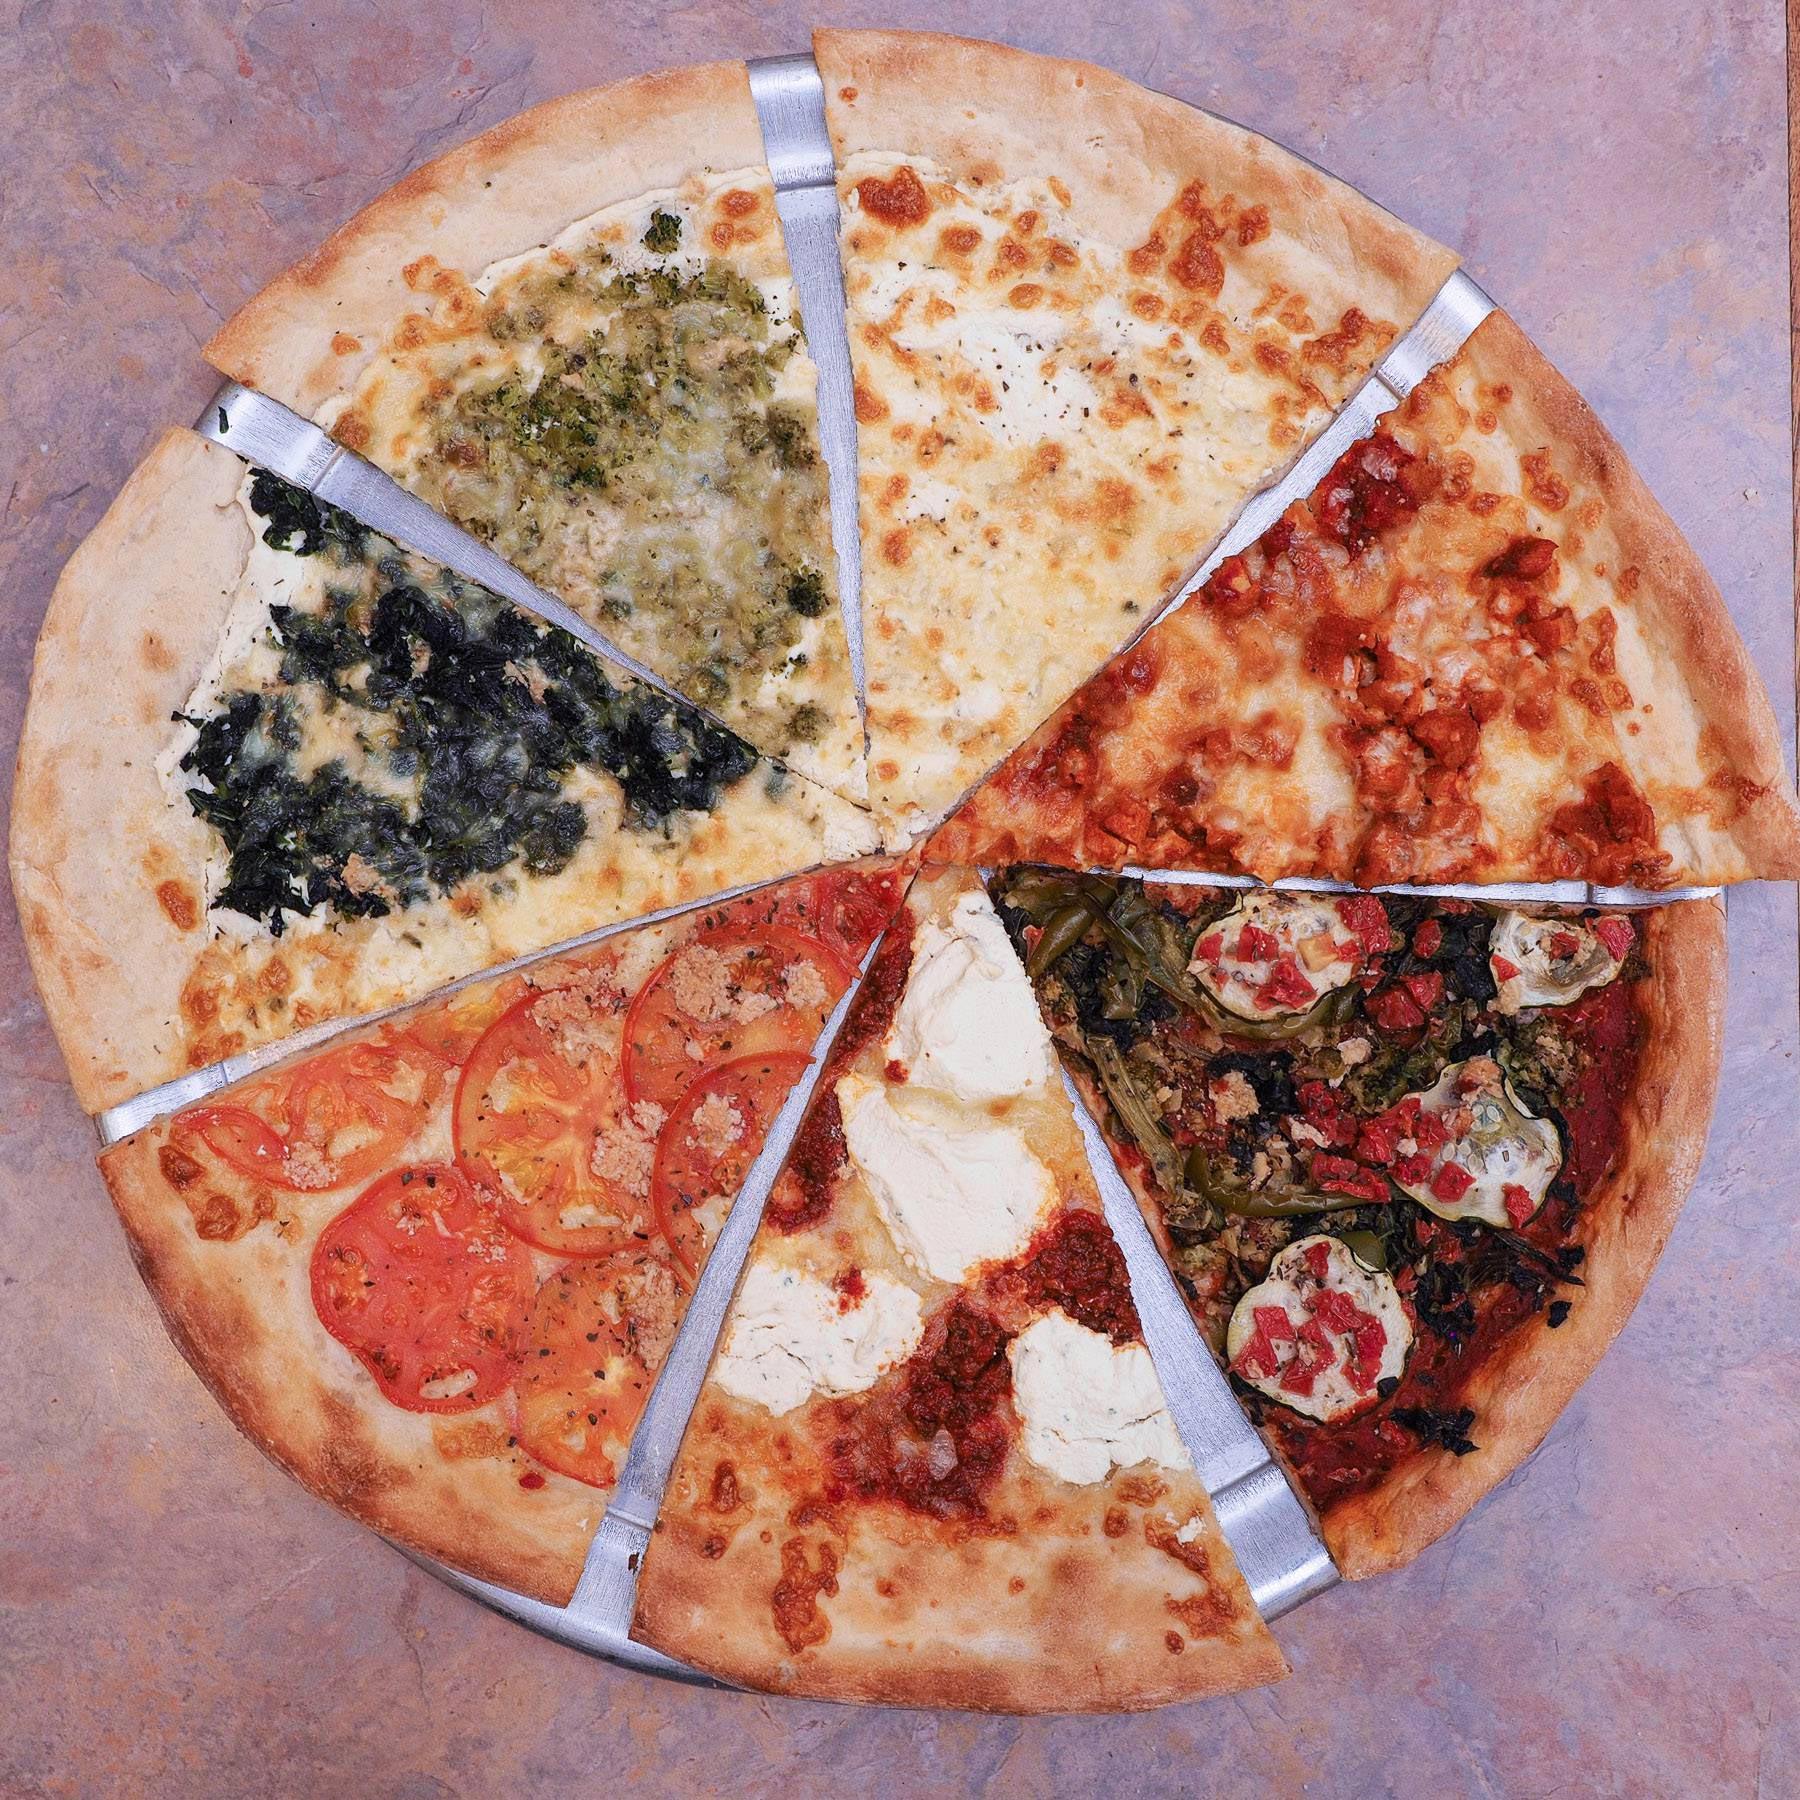 Pizza Delivery Darien, CT